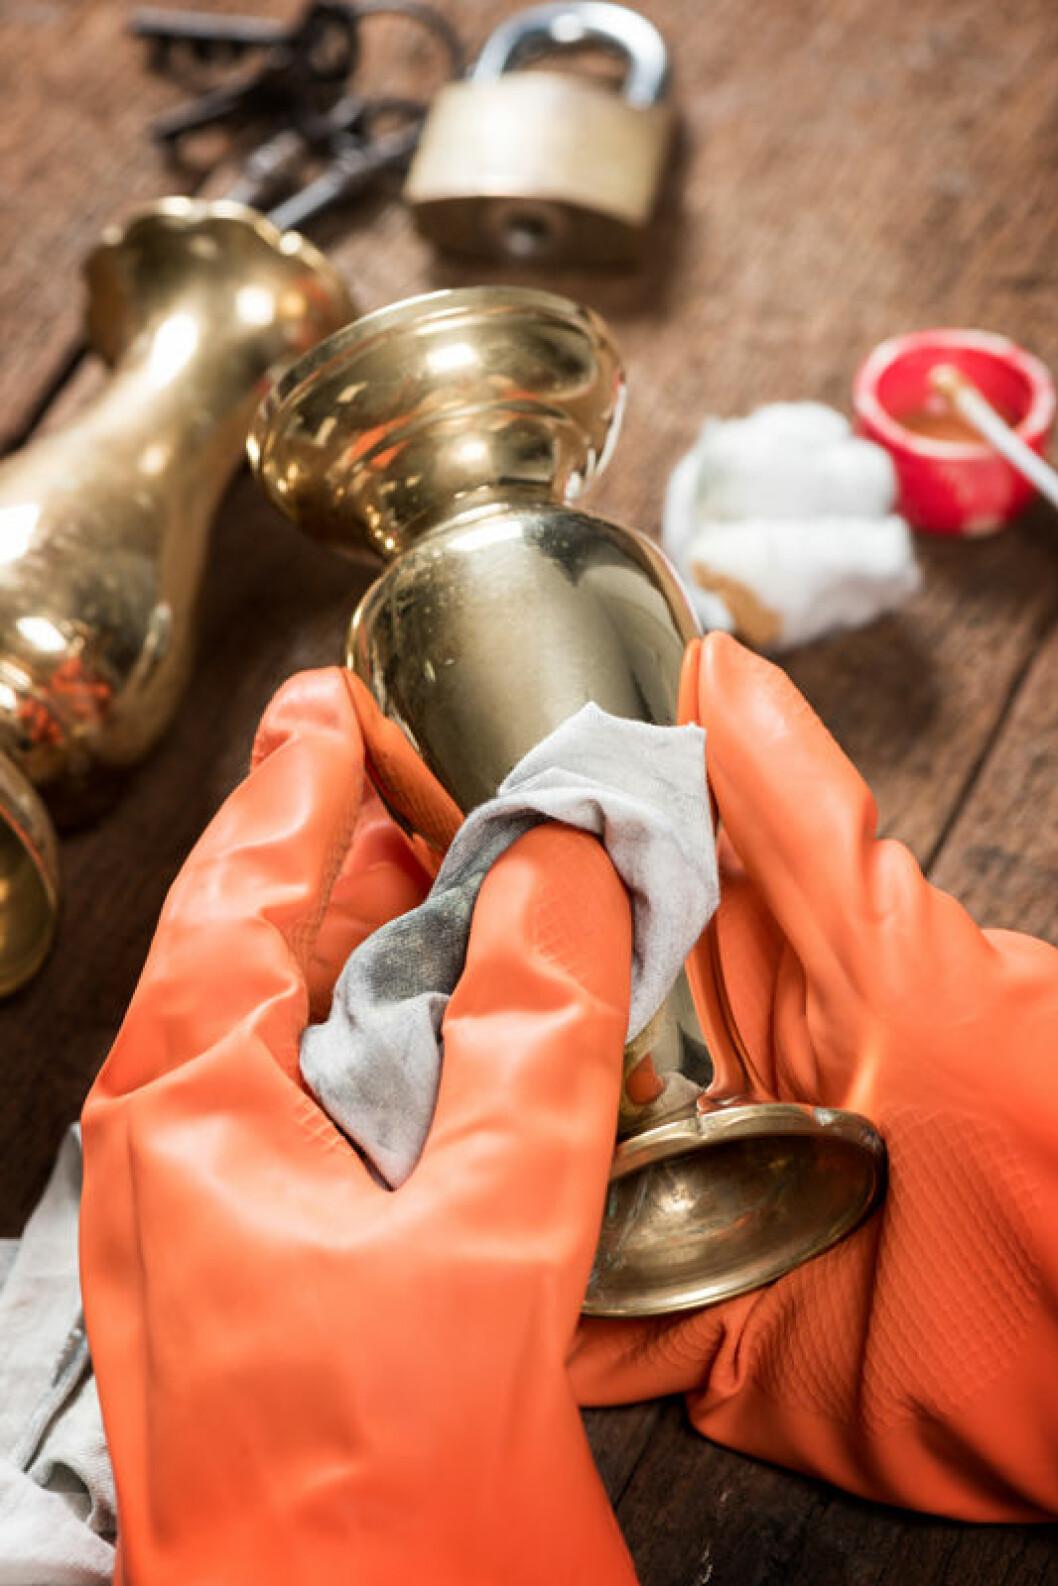 Person med orangea handskar putsar gammalt kopparföremål.